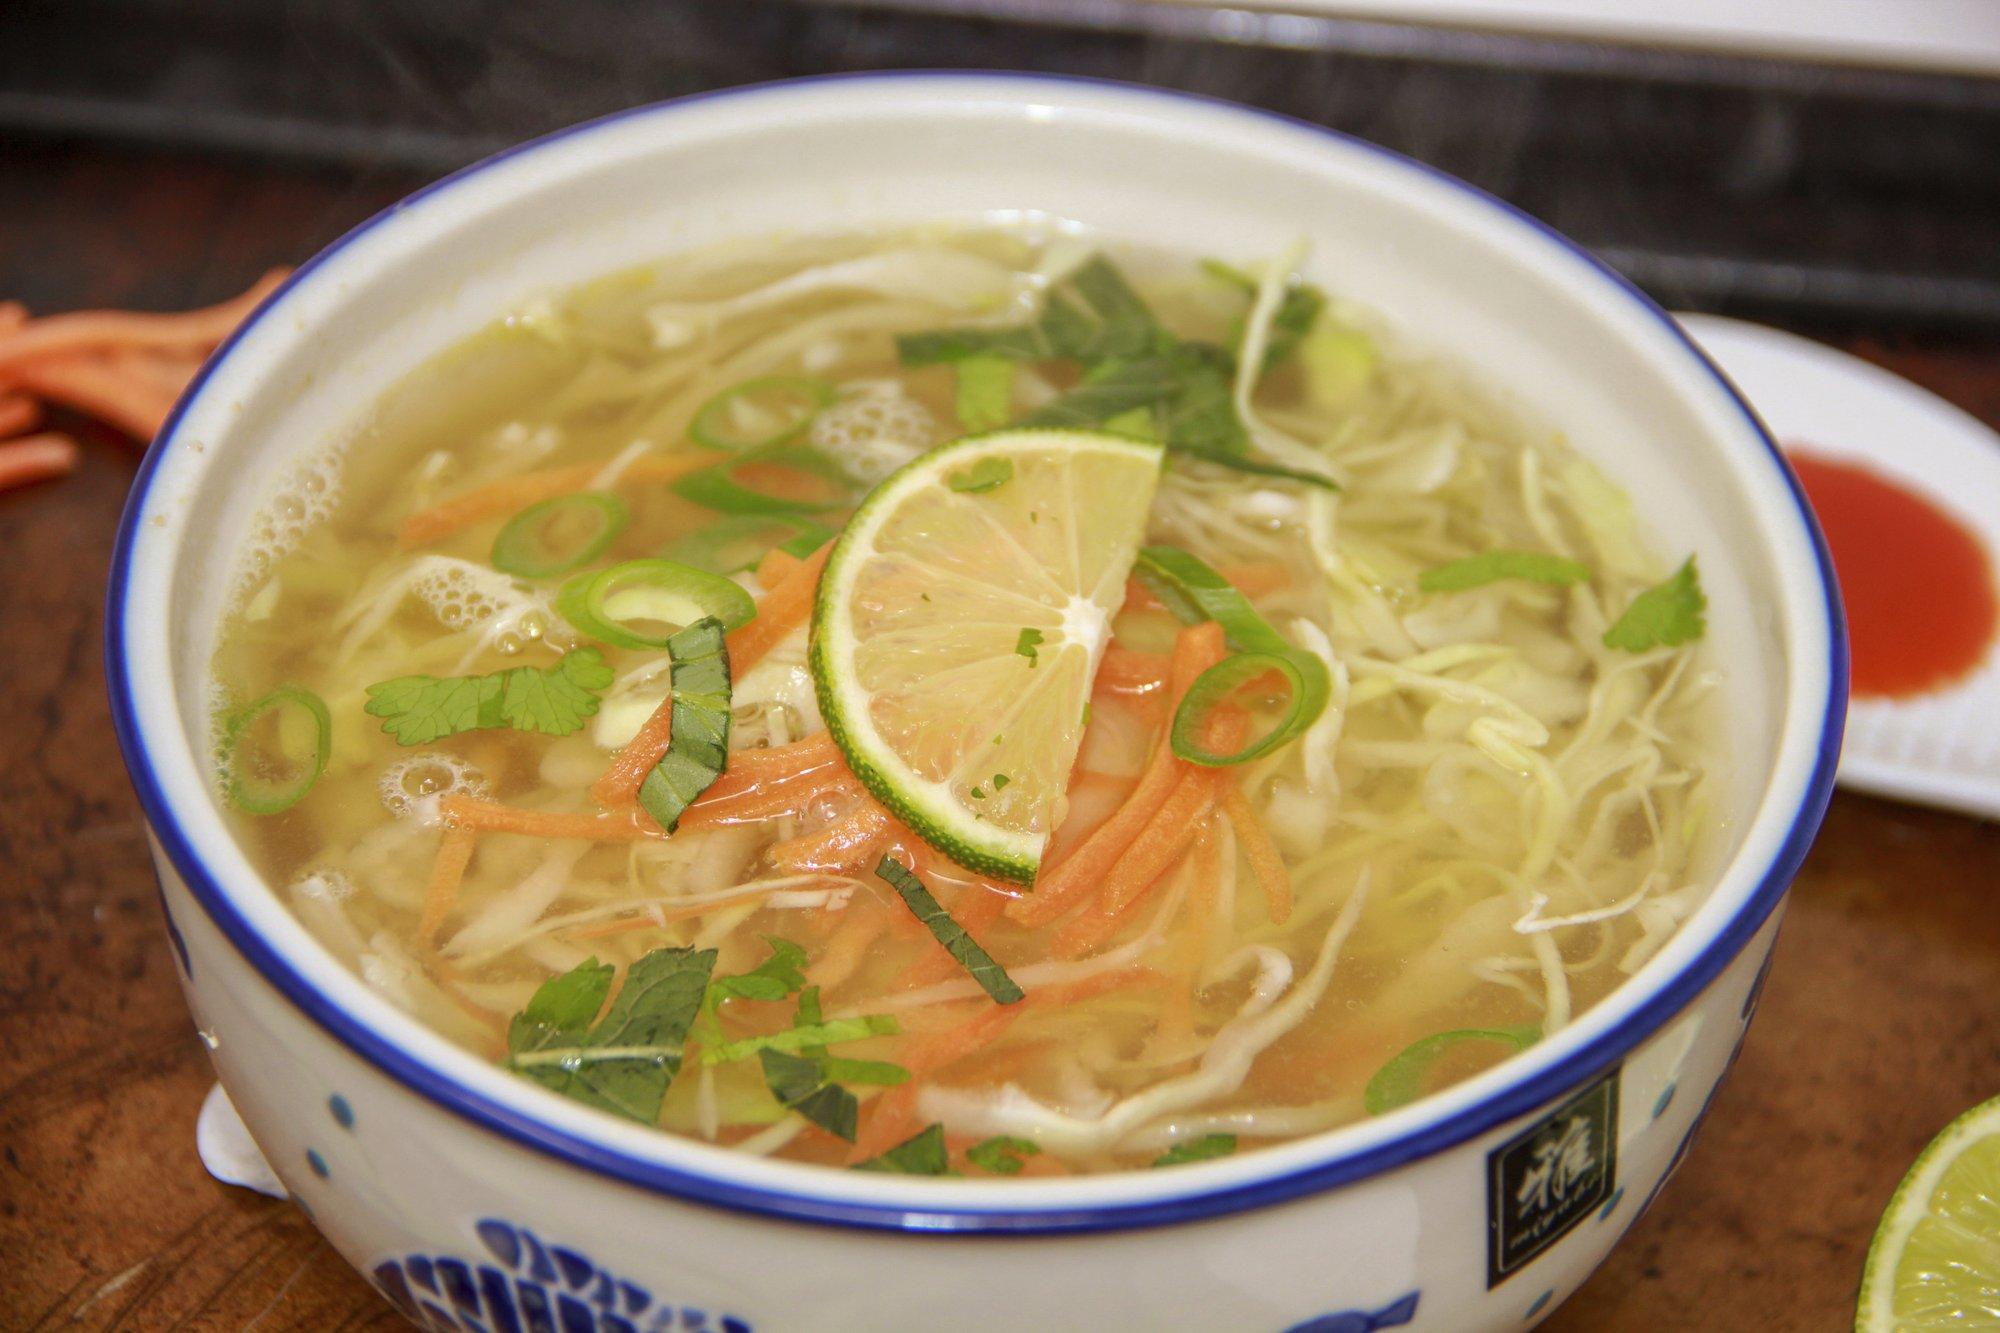 bikini diet and cabbage soup recipe